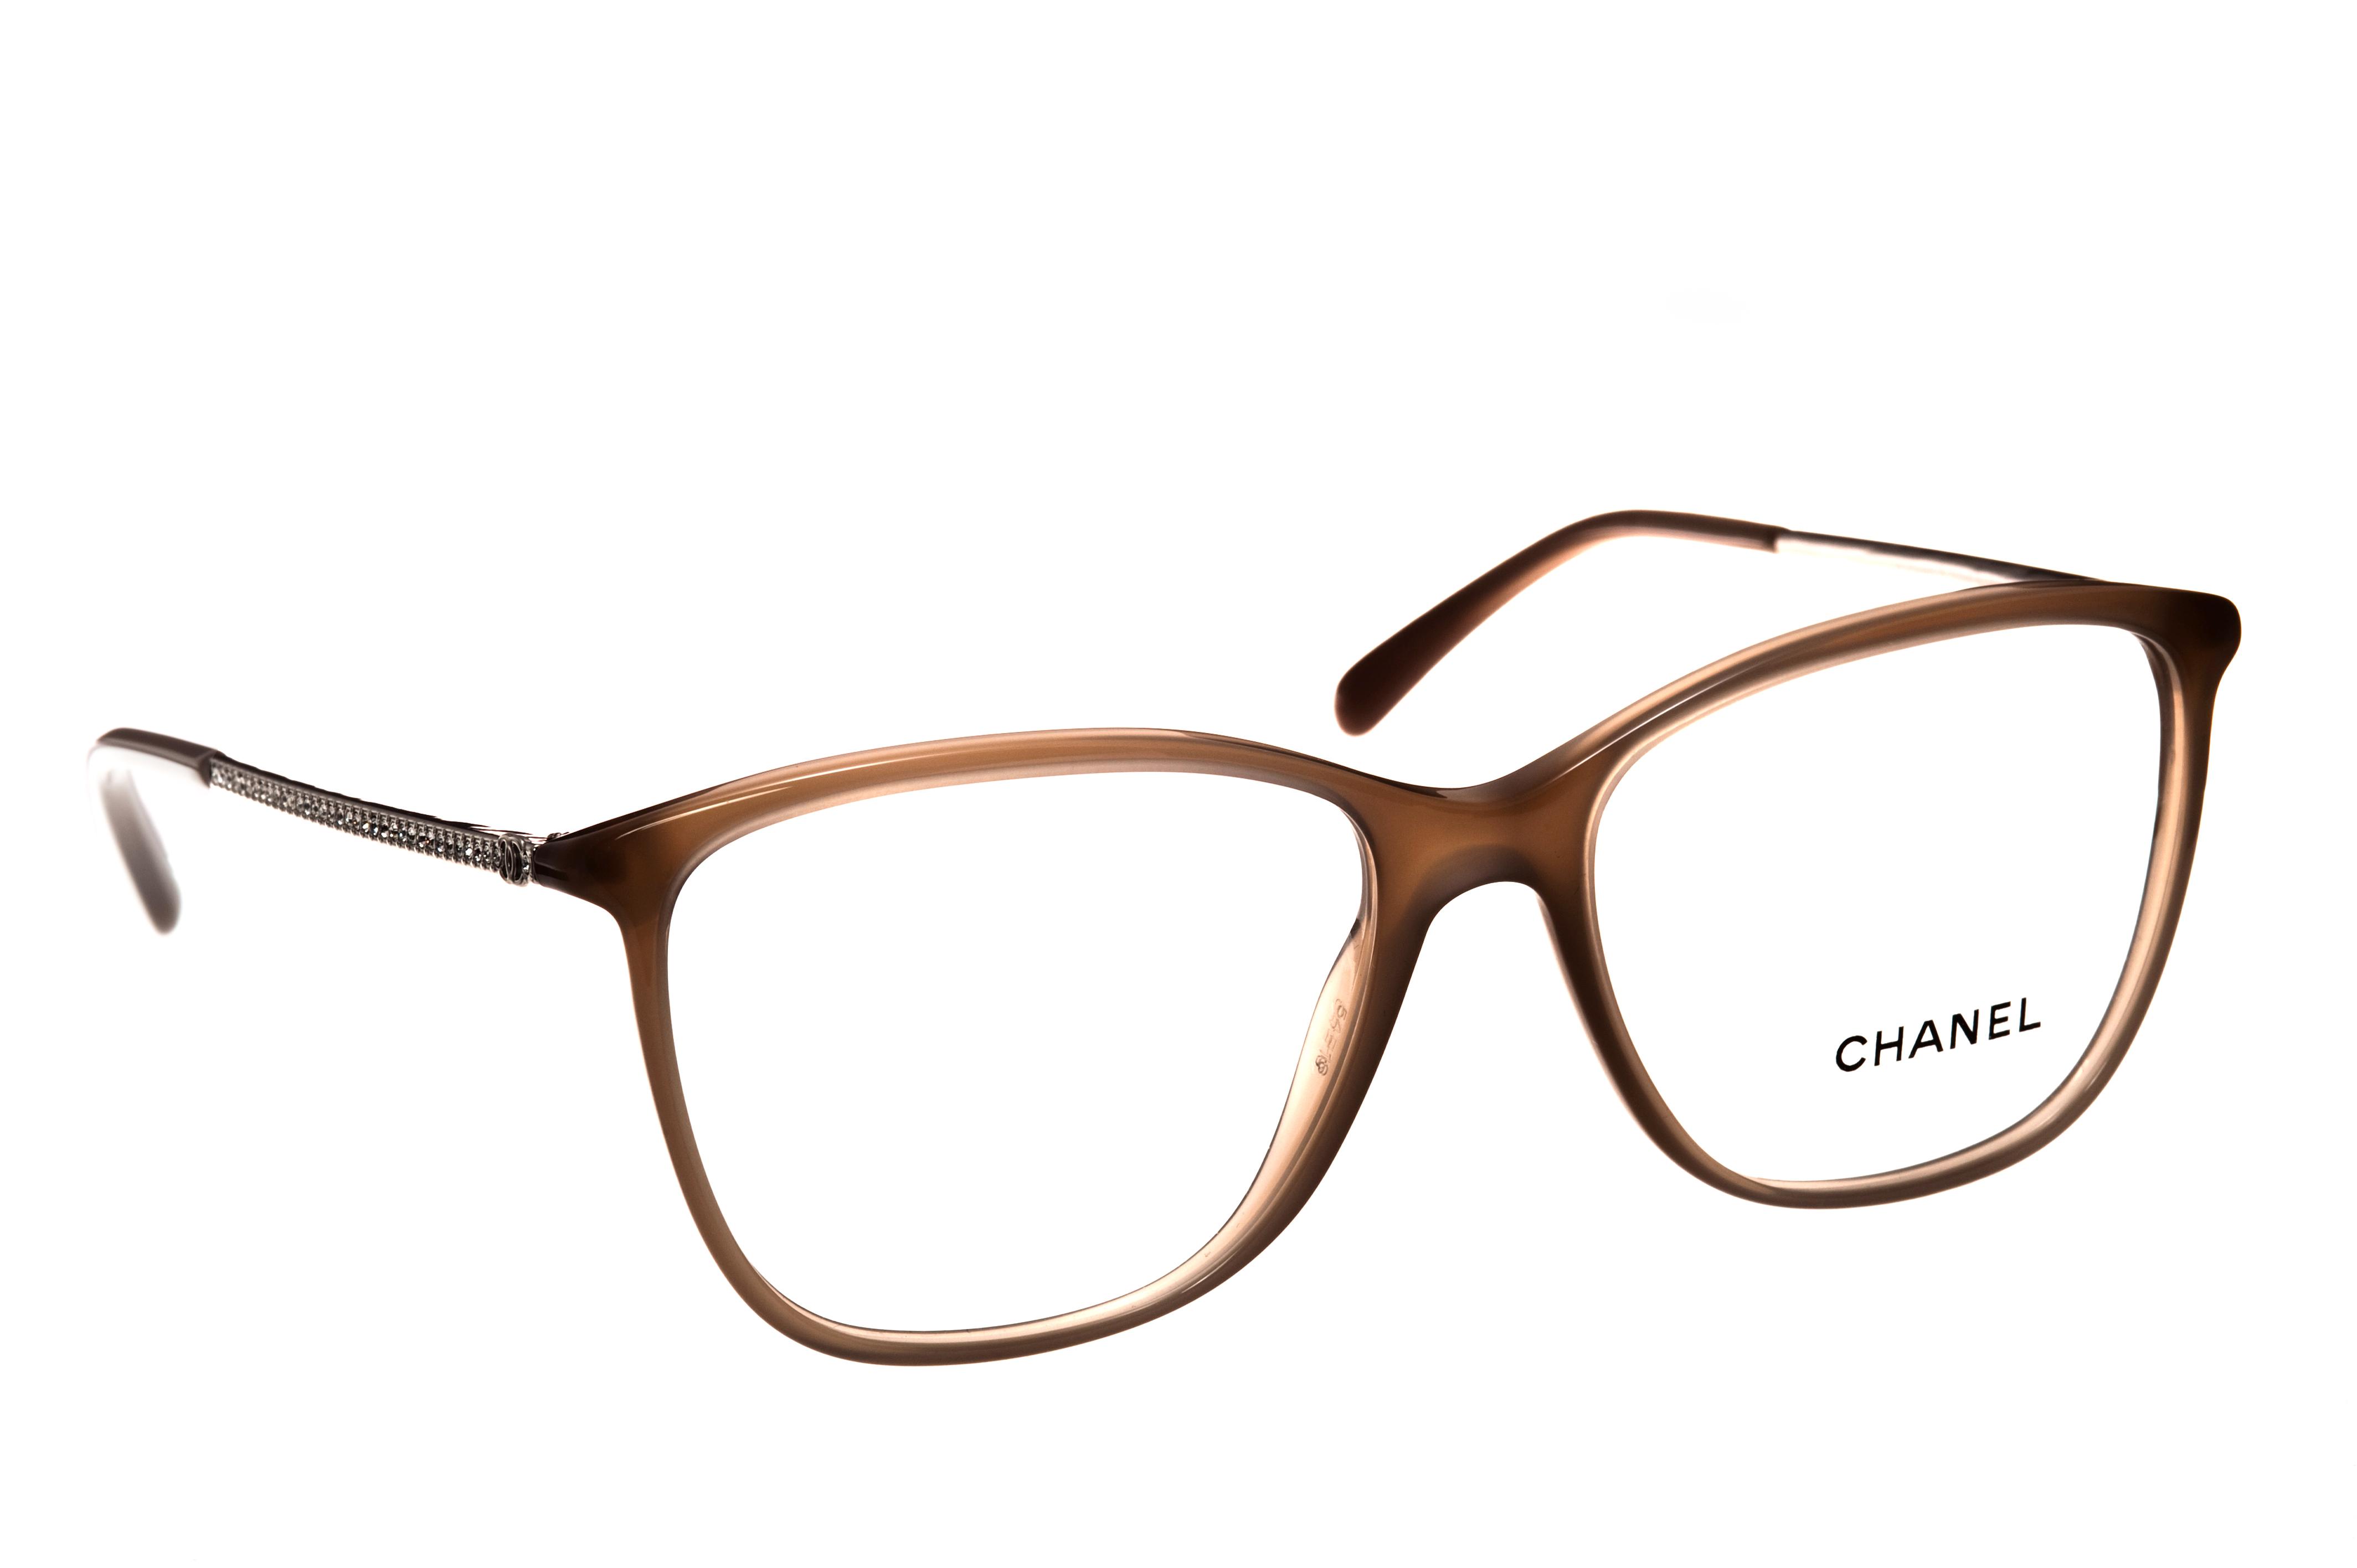 Niedlich 2015 Brillenfassungen Fotos - Benutzerdefinierte ...